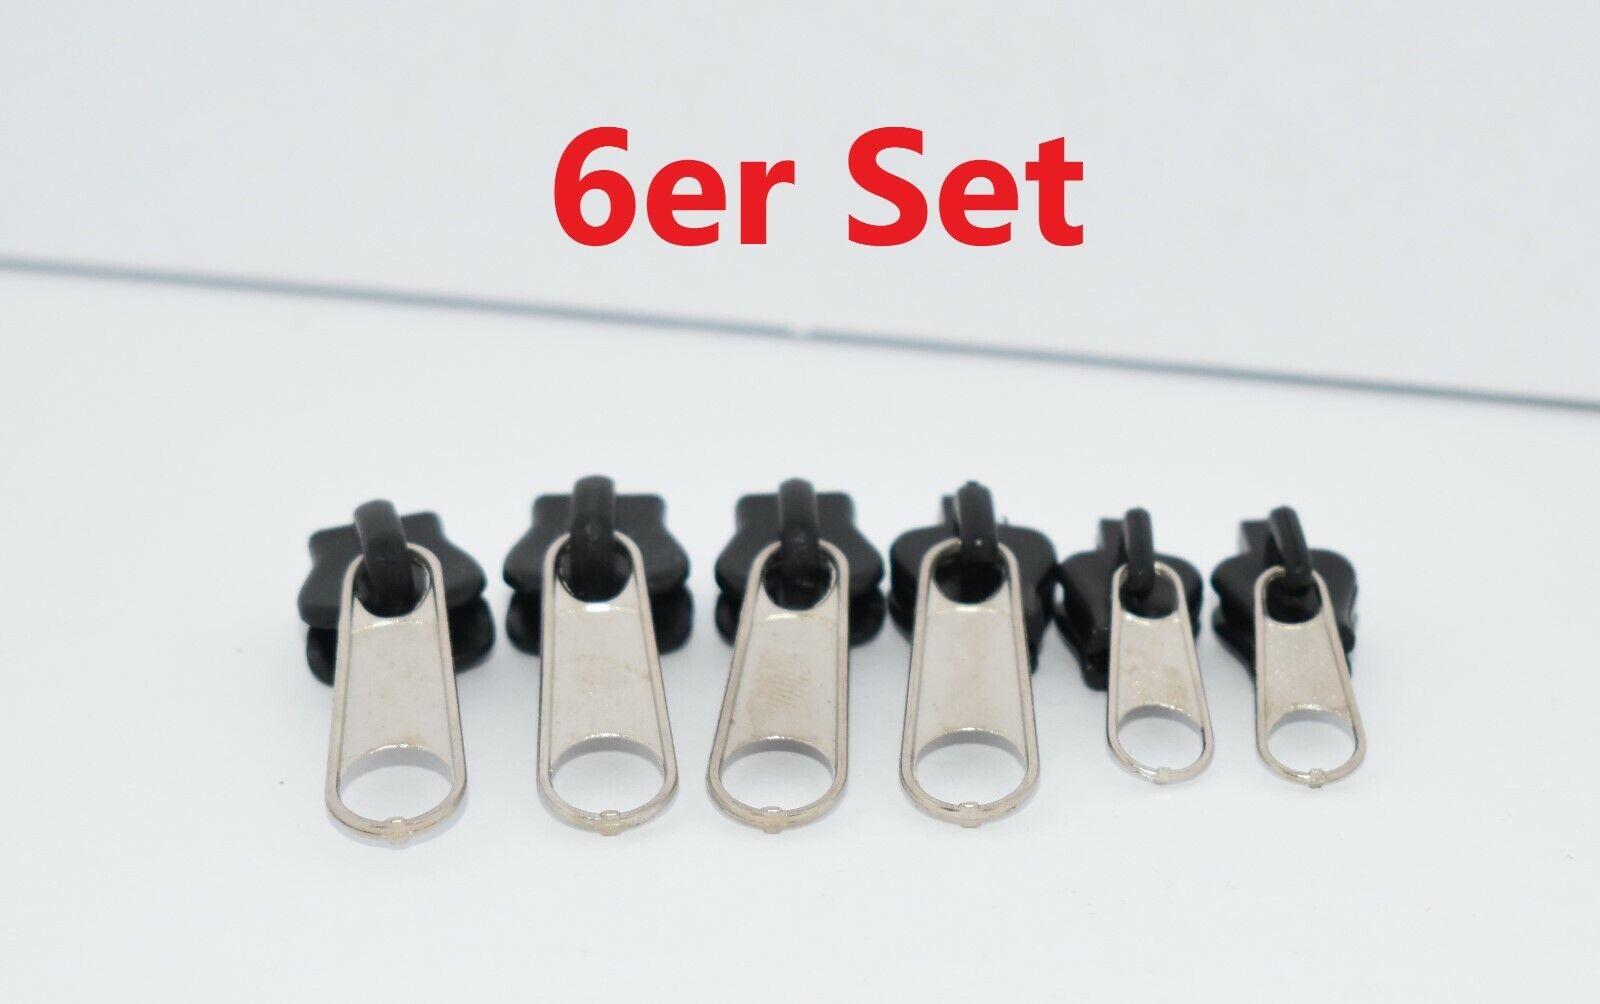 6er ZipperFix Reißverschluss Reperaturset Schieber Kunststoff Fix a Zipper